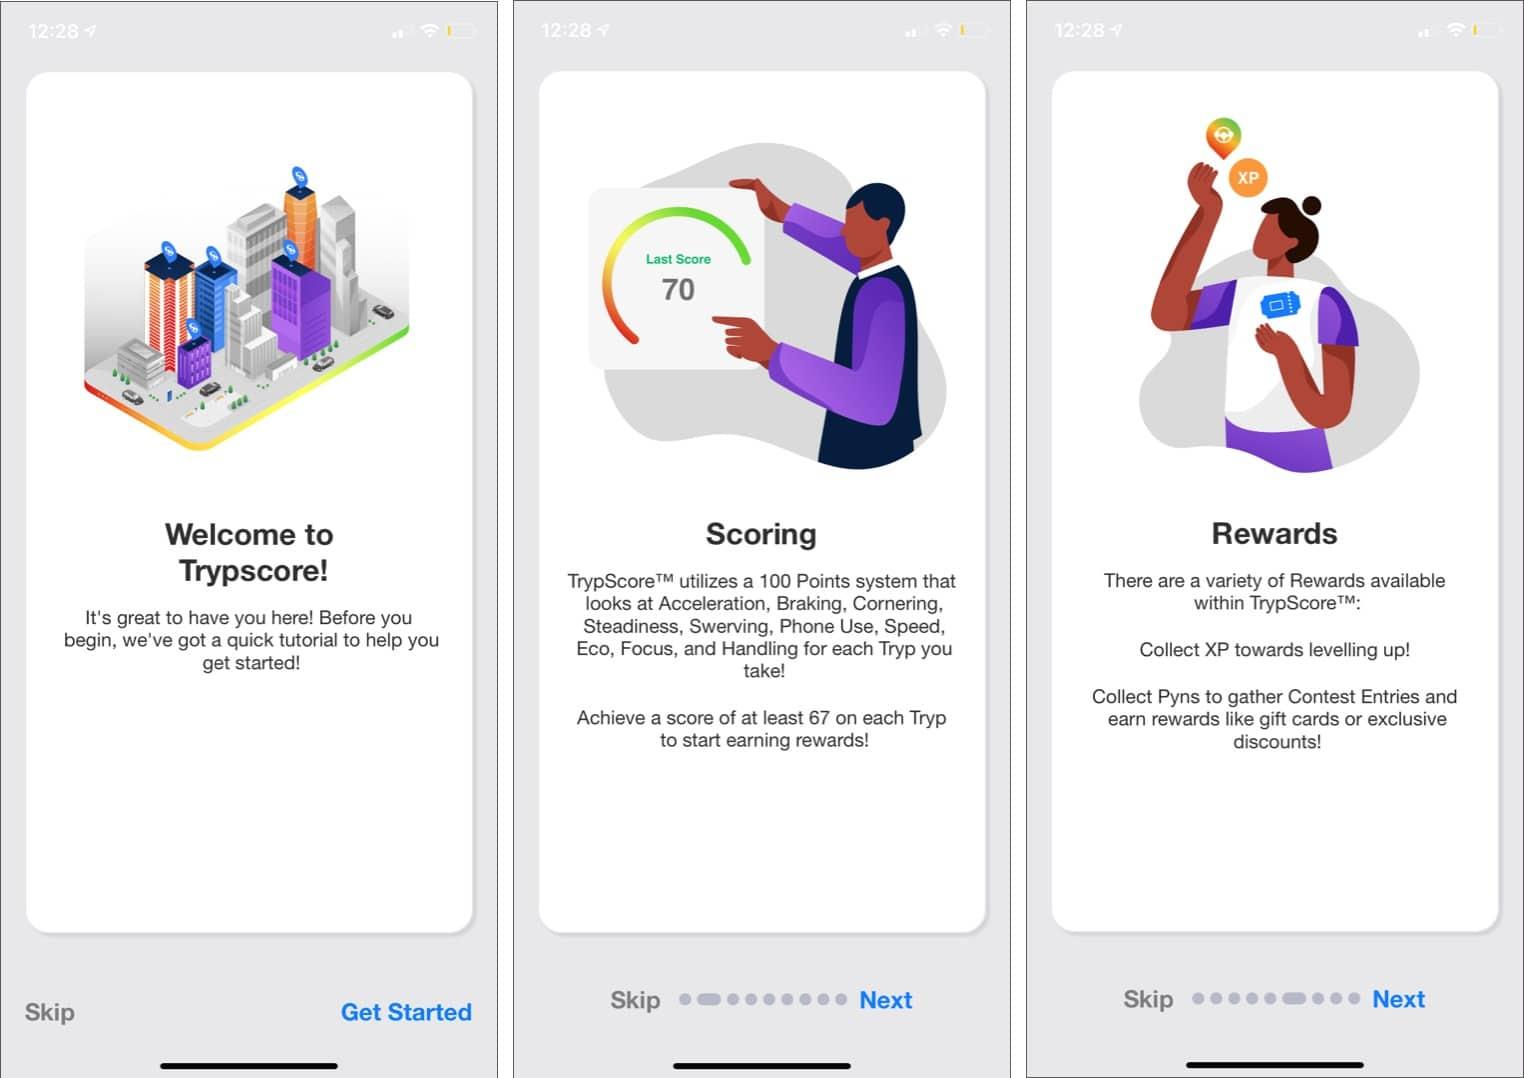 TrypScores geführtes Tutorial, um mehr über die iOS-App zu erfahren